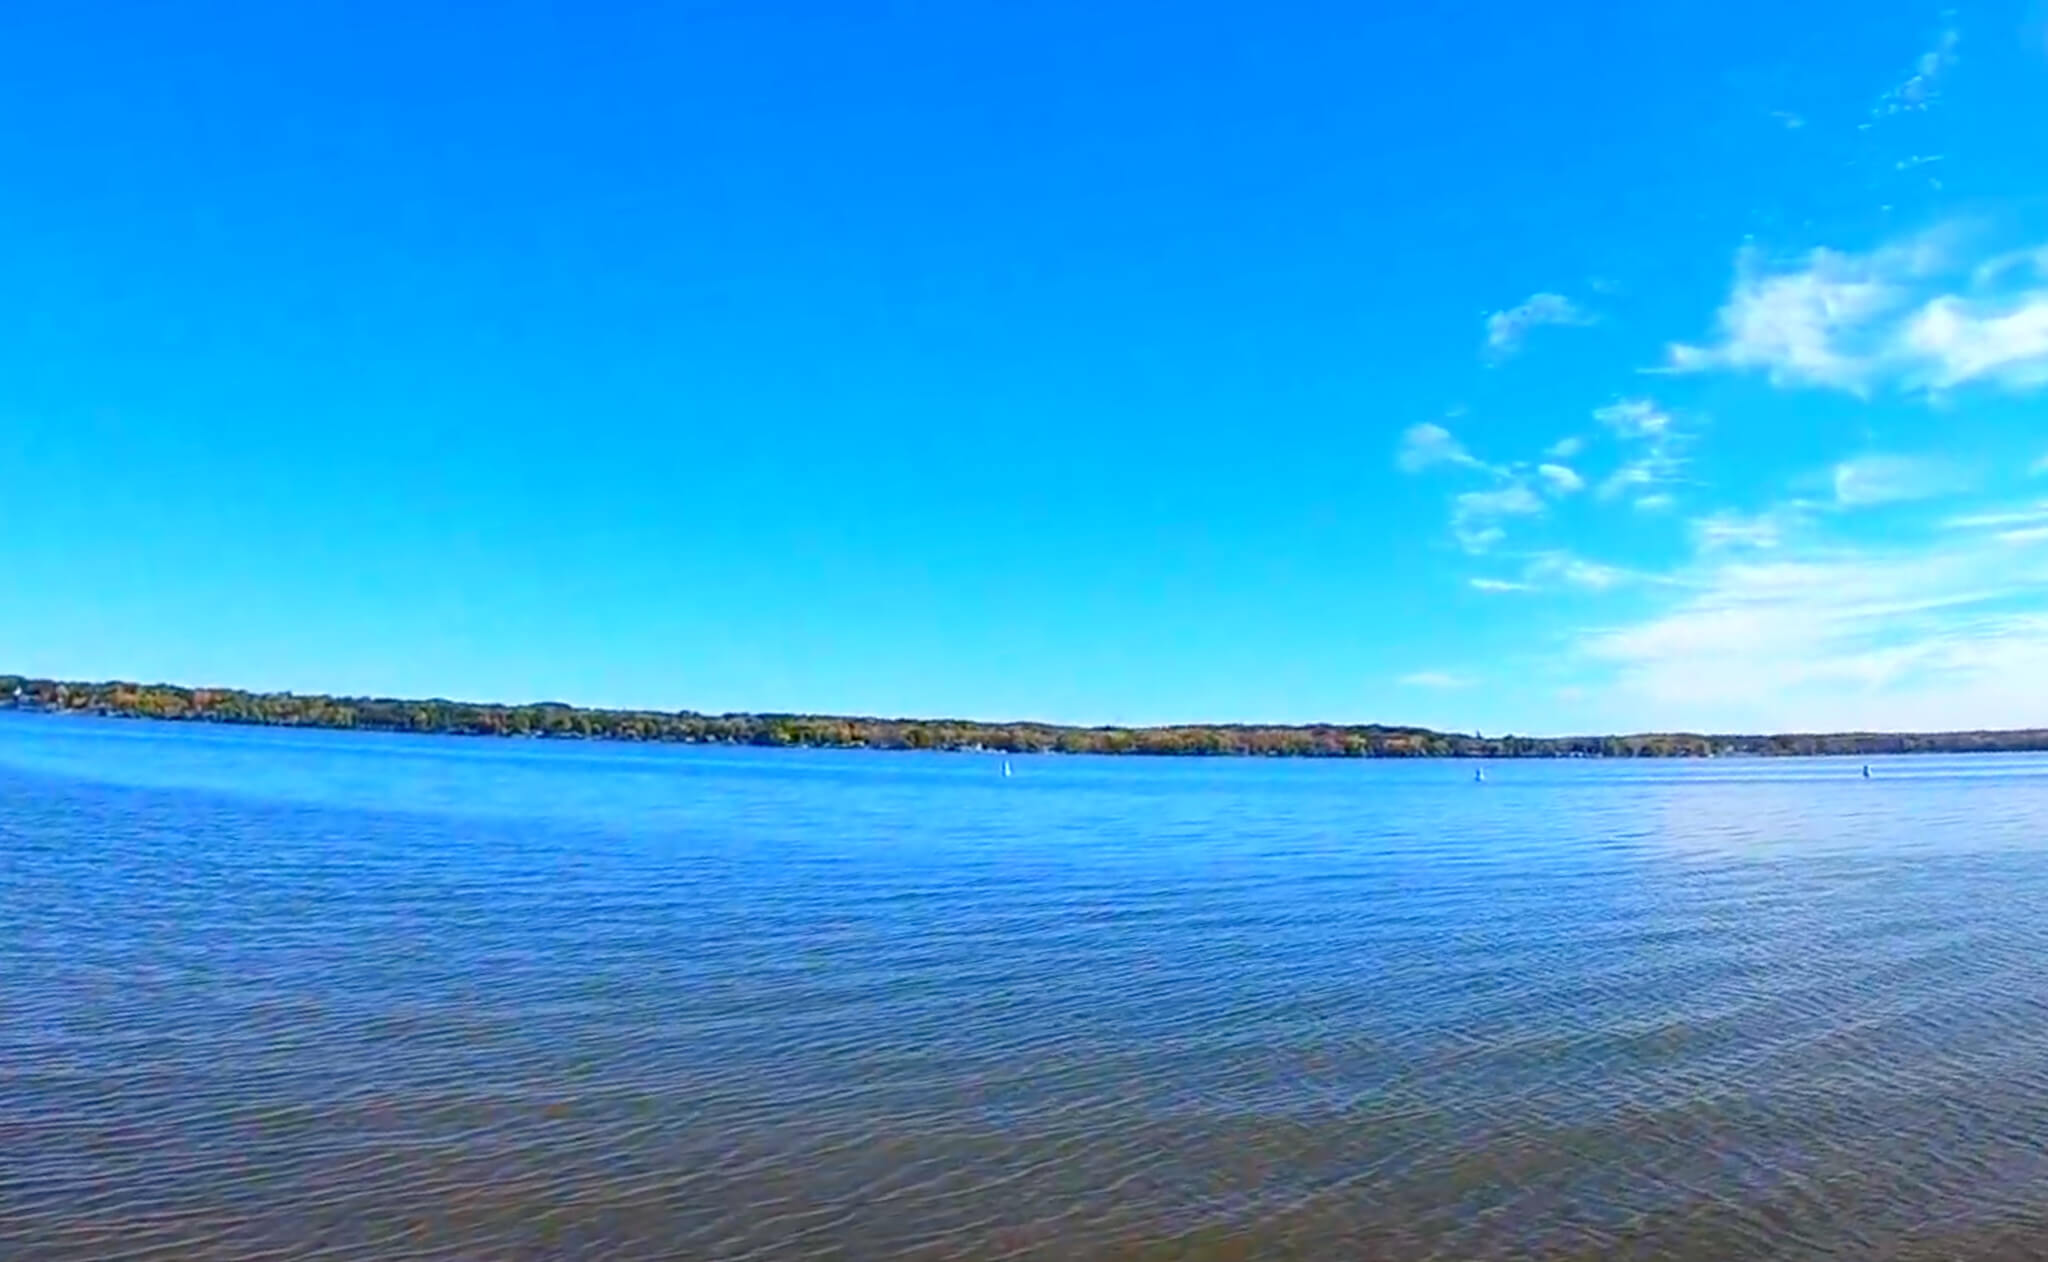 Cayuga-Lake-Fishing-Report-Guide-New-York-NY-05